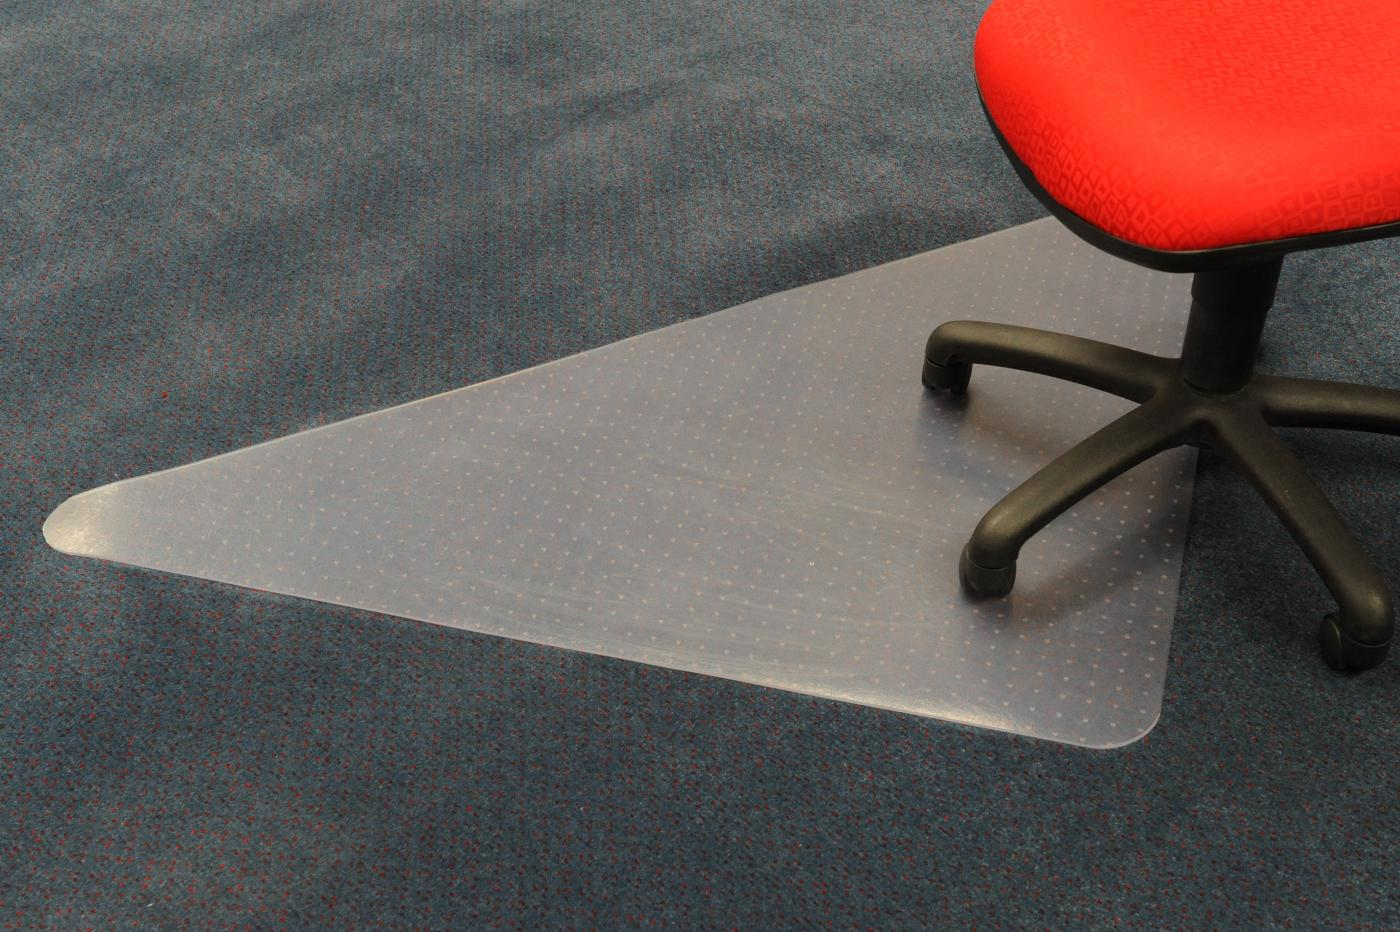 achormat-custom-cut-chair-mat-jpg